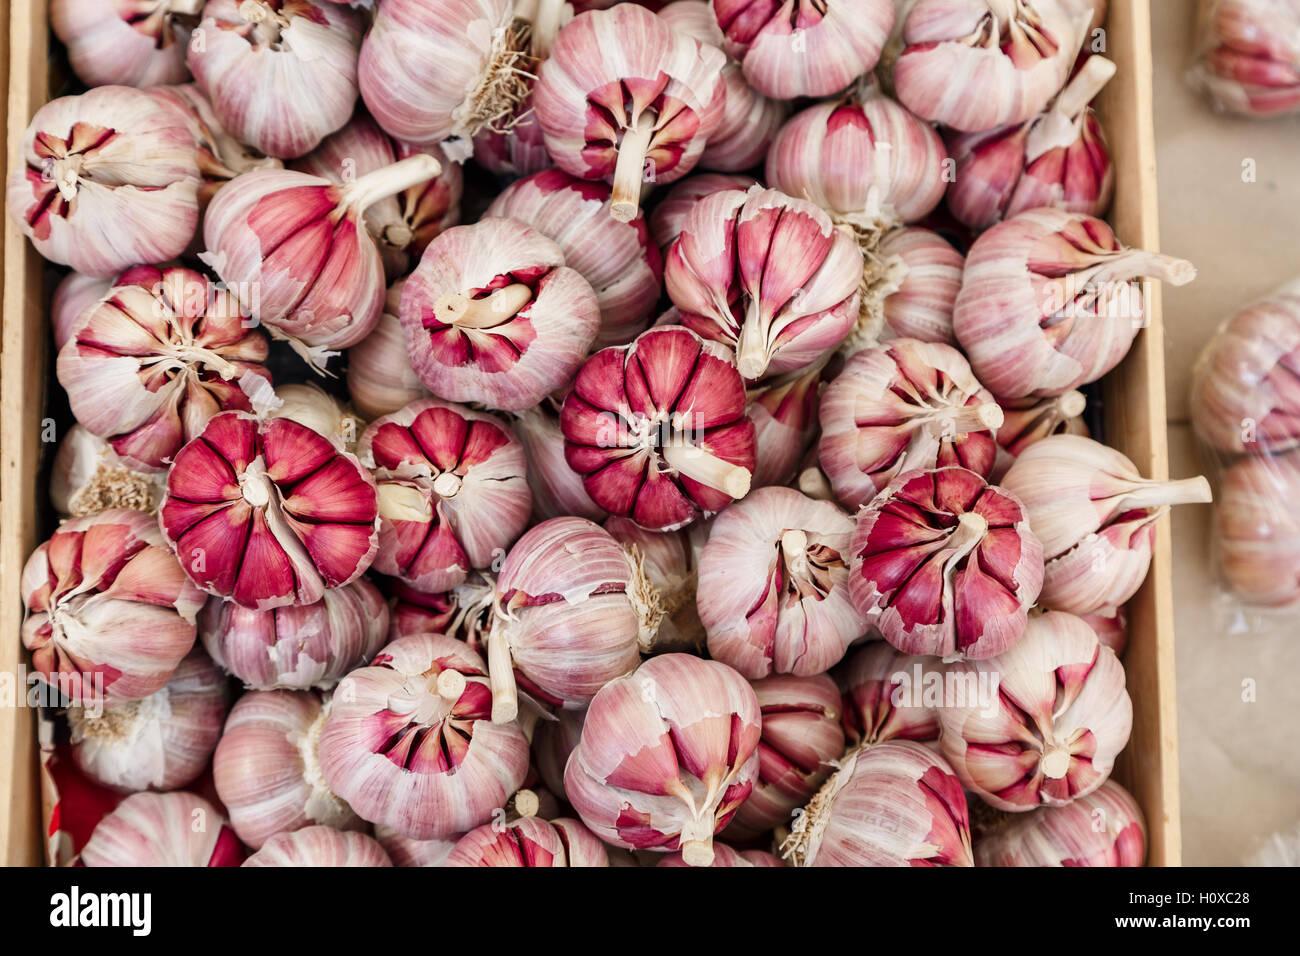 Aglio Rosso di lampadine per la vendita, Palermo, Sicilia Immagini Stock